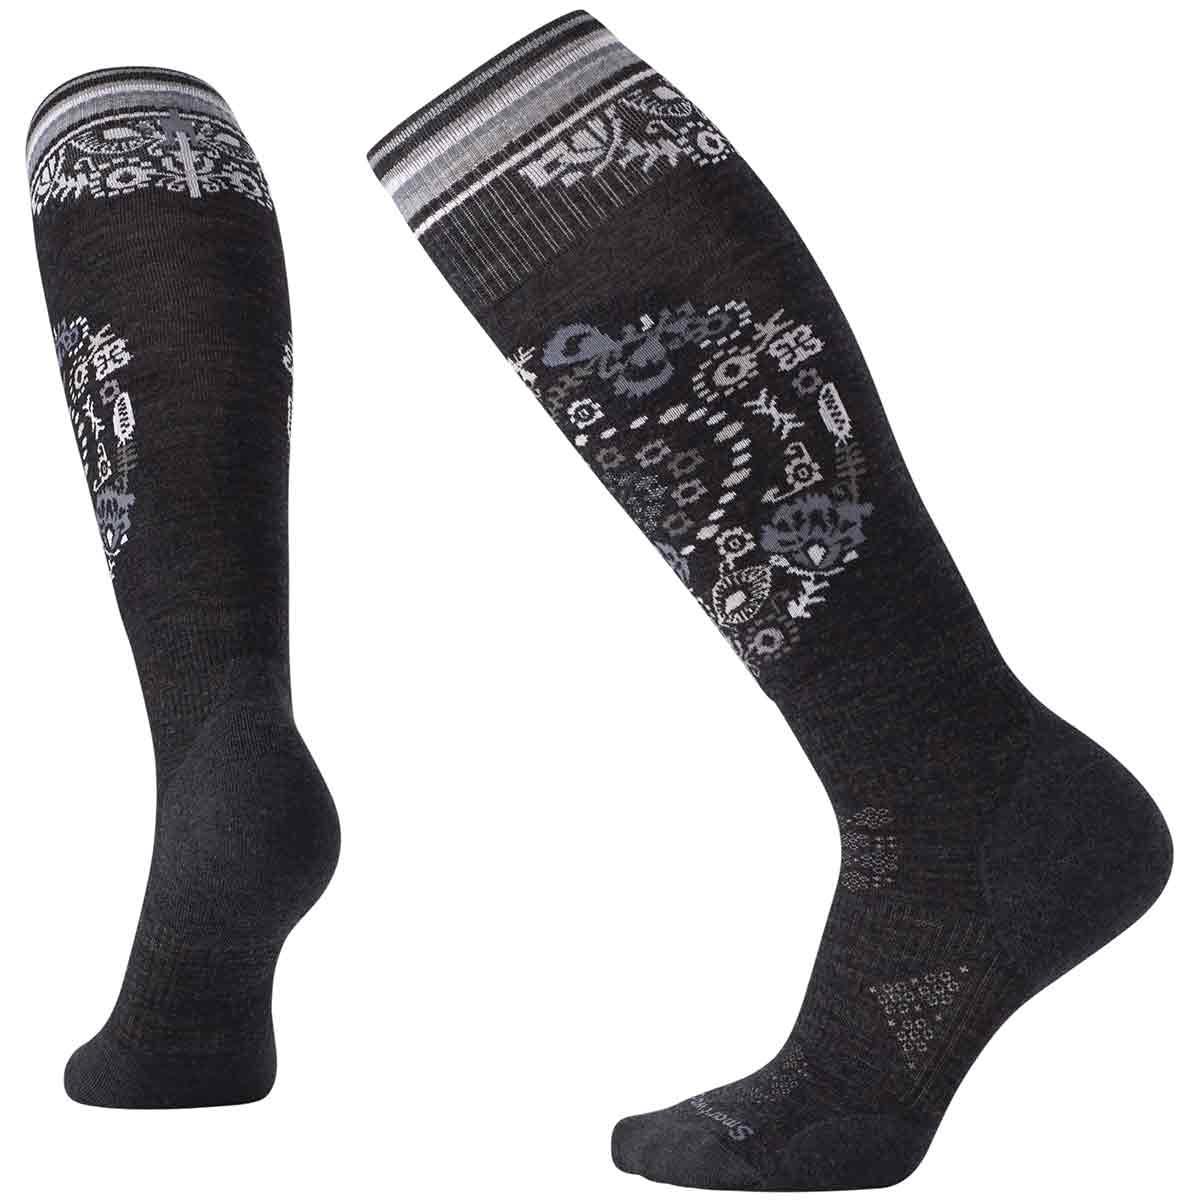 Smartwool Women's Phd Ski Light Elite Pattern Socks - Black, M